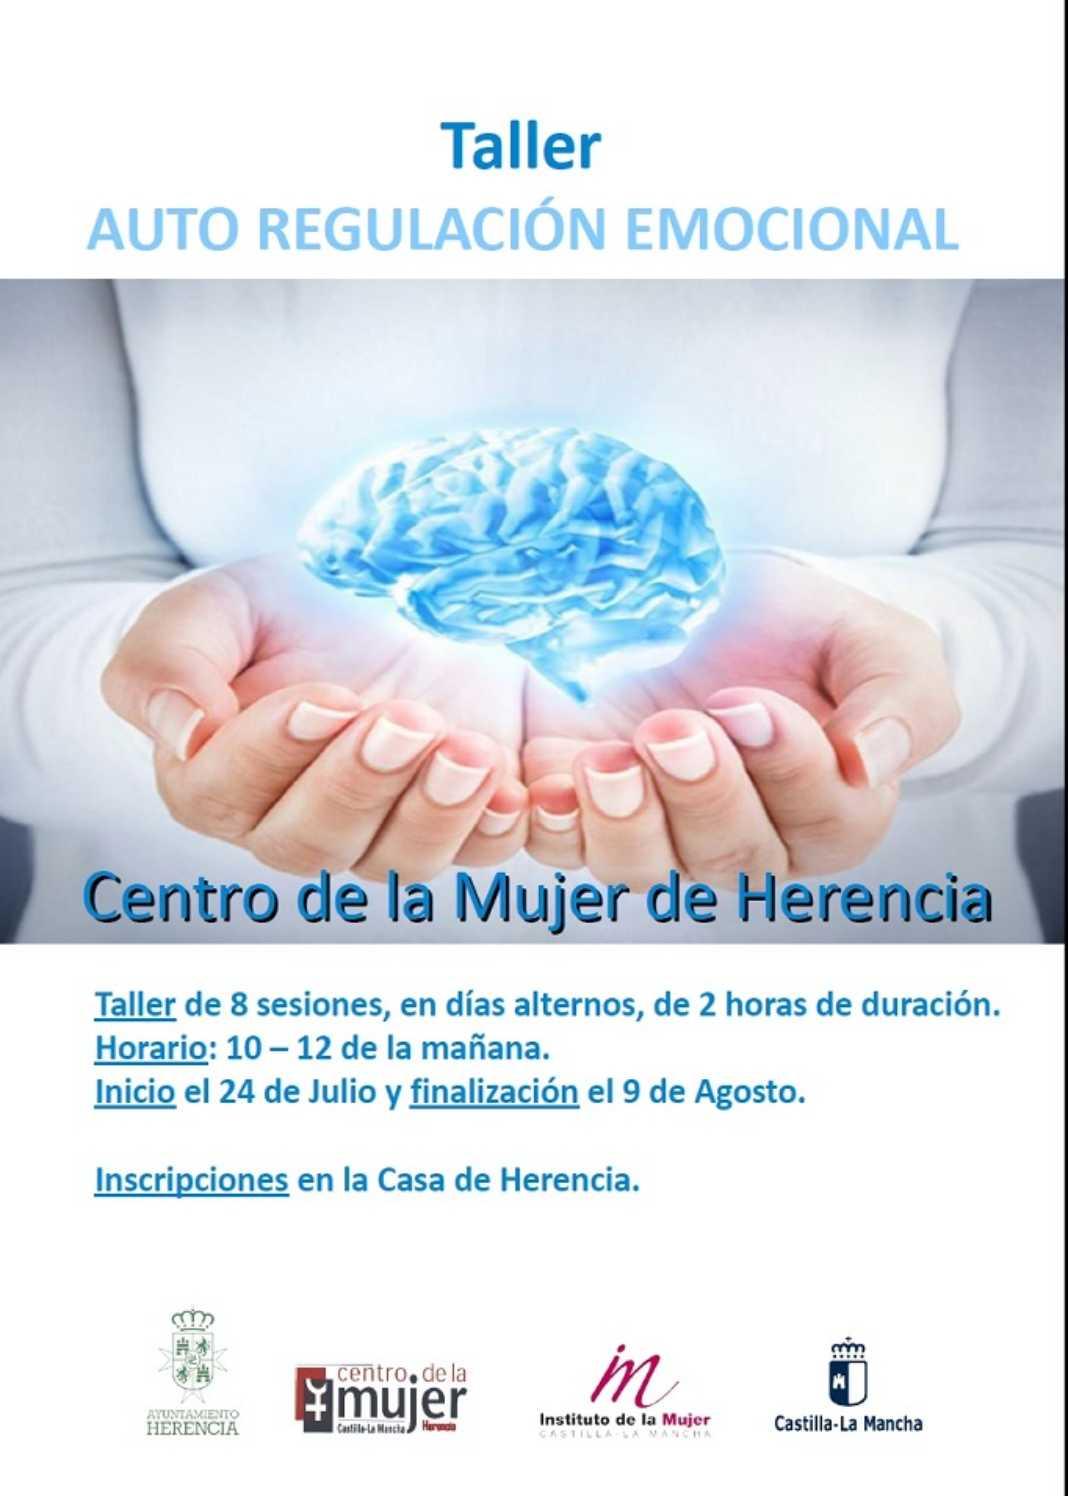 Curso del Centro de la Mujer 1068x1496 - Taller de Autorregulación Emocional